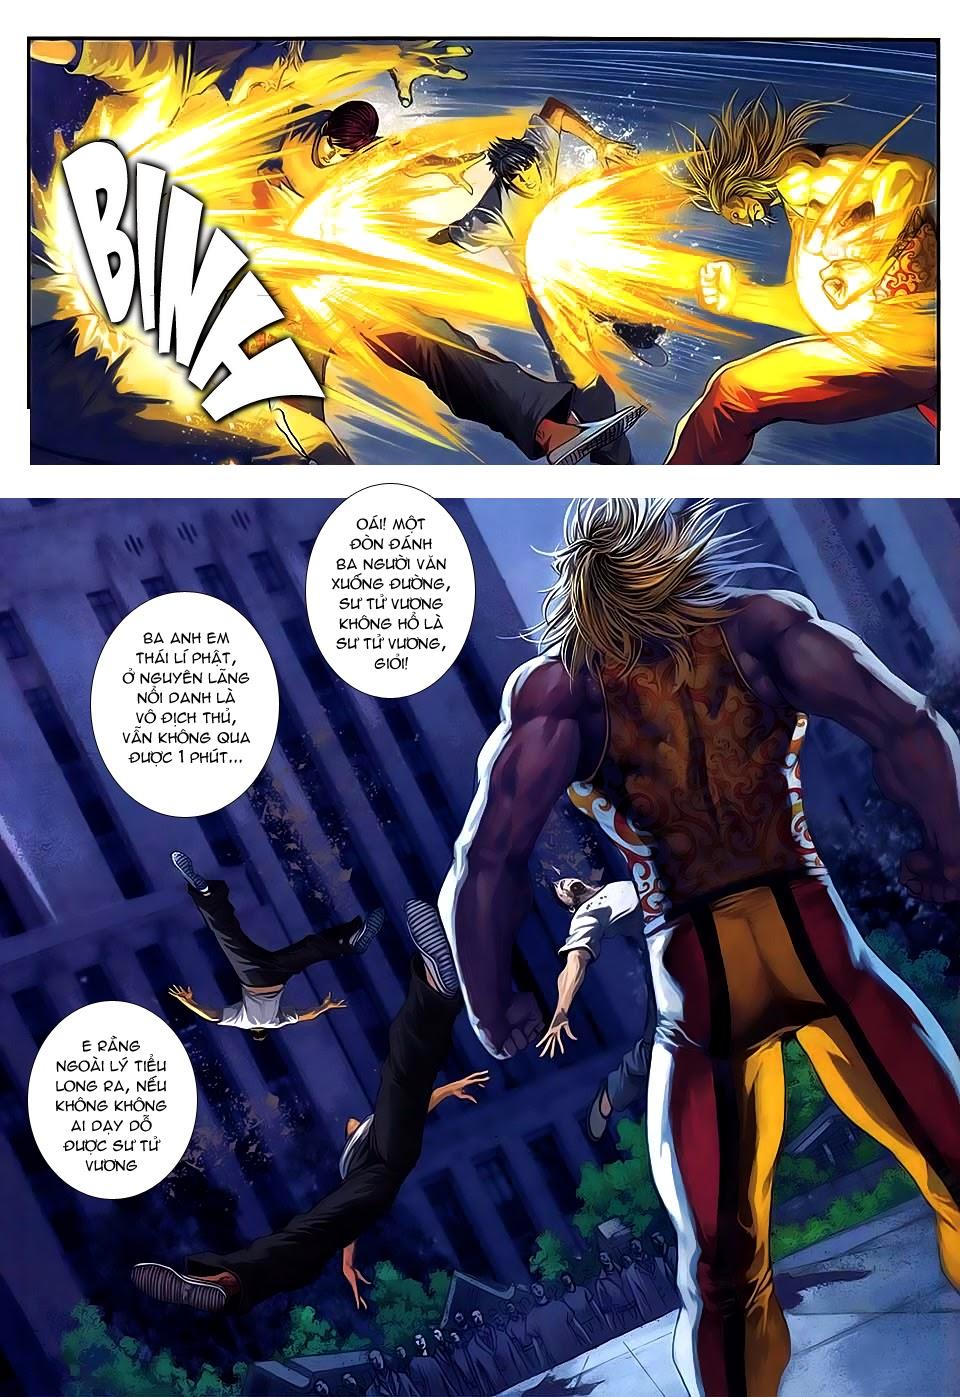 Quyền Đạo chapter 9 trang 13